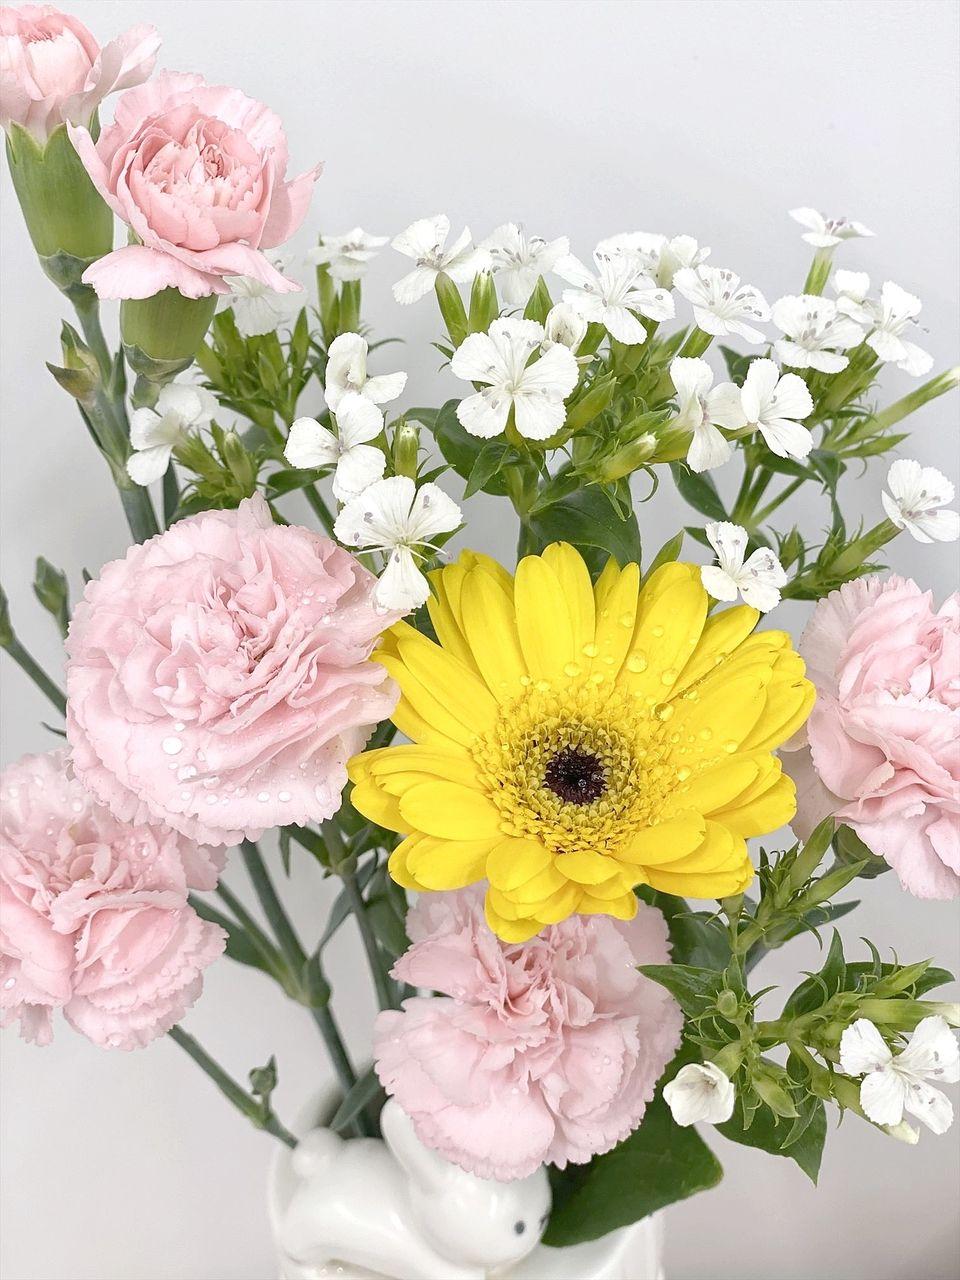 青木商事の店内にはいつもお花を飾ってお客様をお迎えしています。お気軽にお立ち寄りください